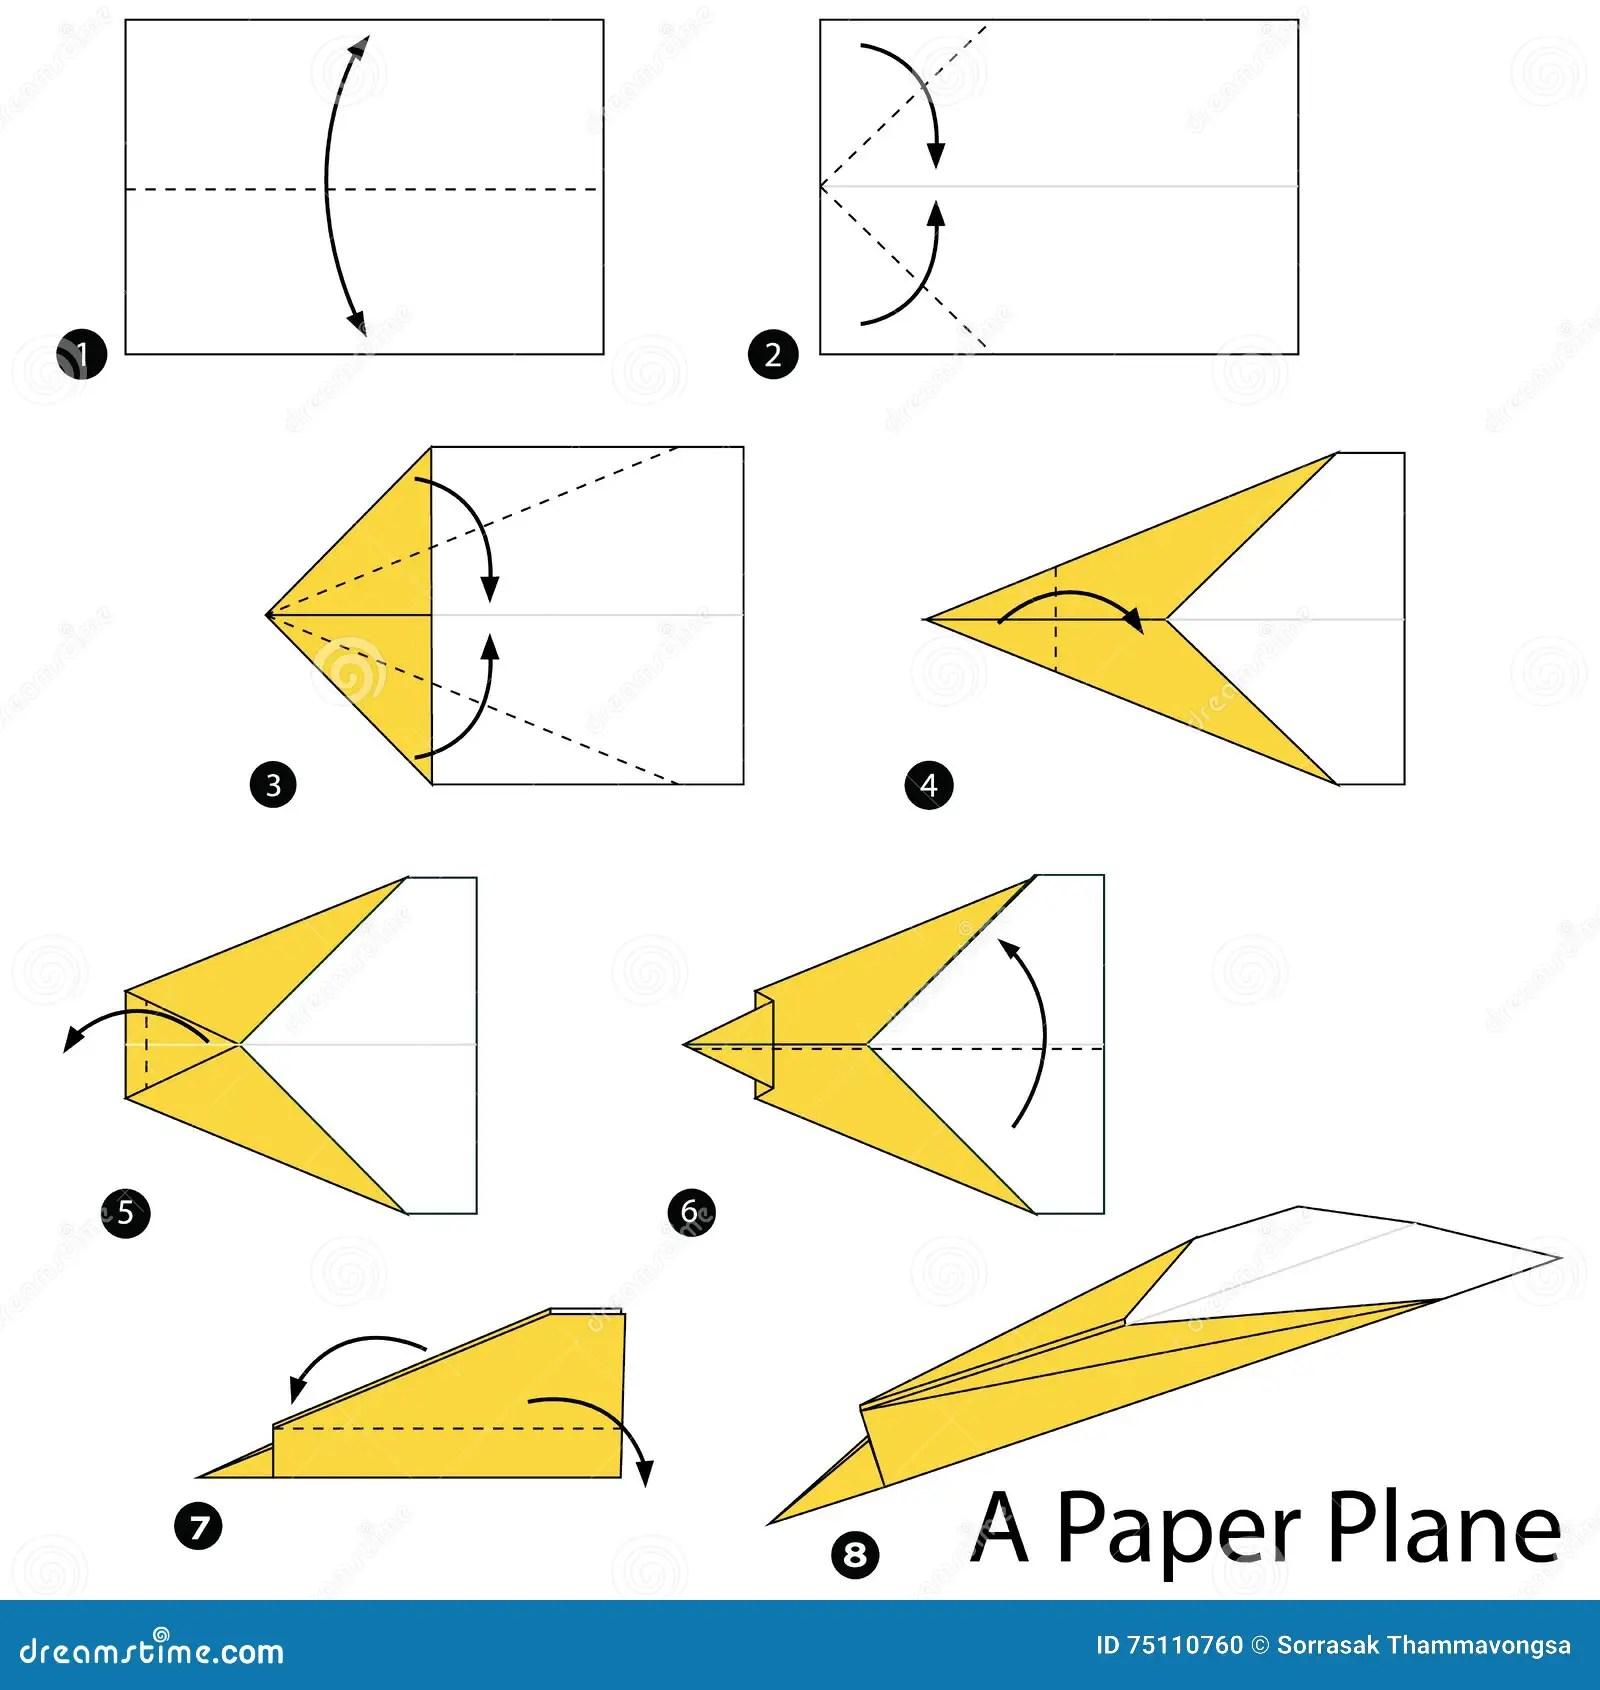 paper airplane diagram of parts 2007 saab 9 3 wiring instructions étape par comment faire à origami un